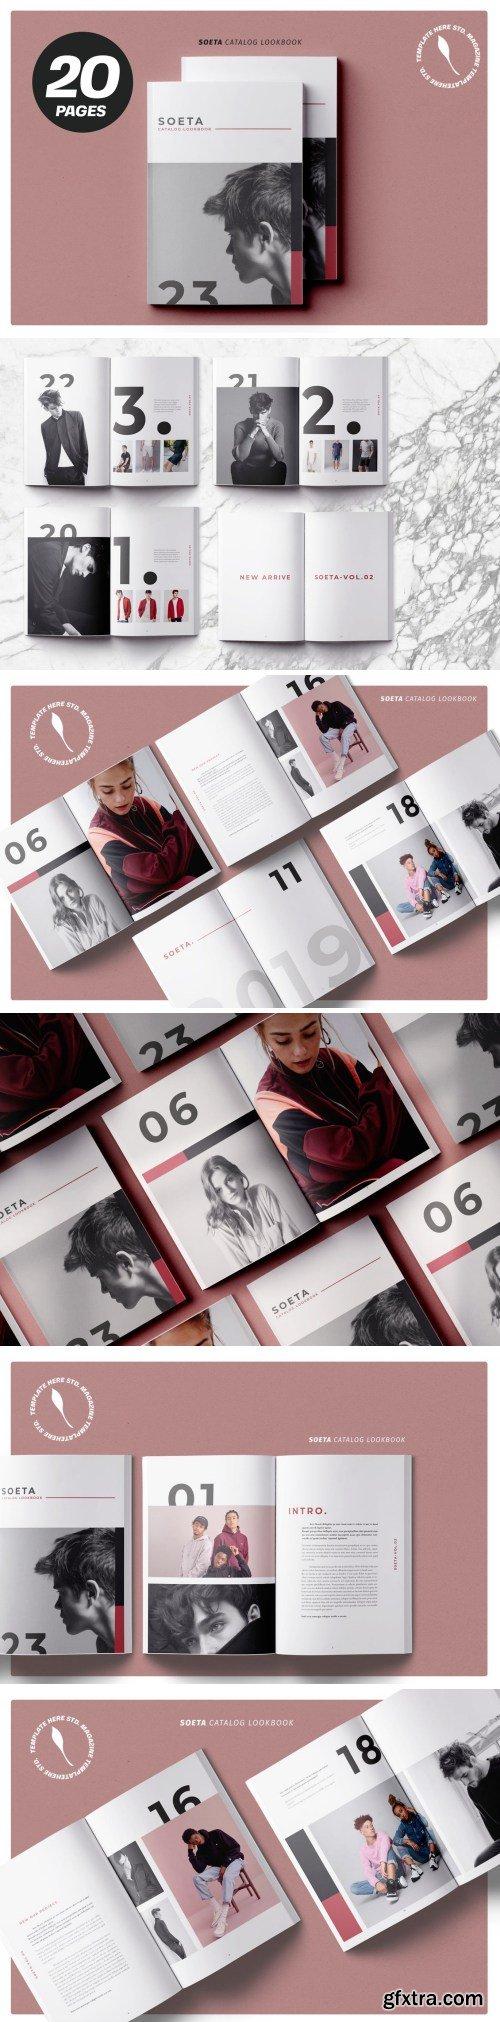 Soeta Catalog Lookbook